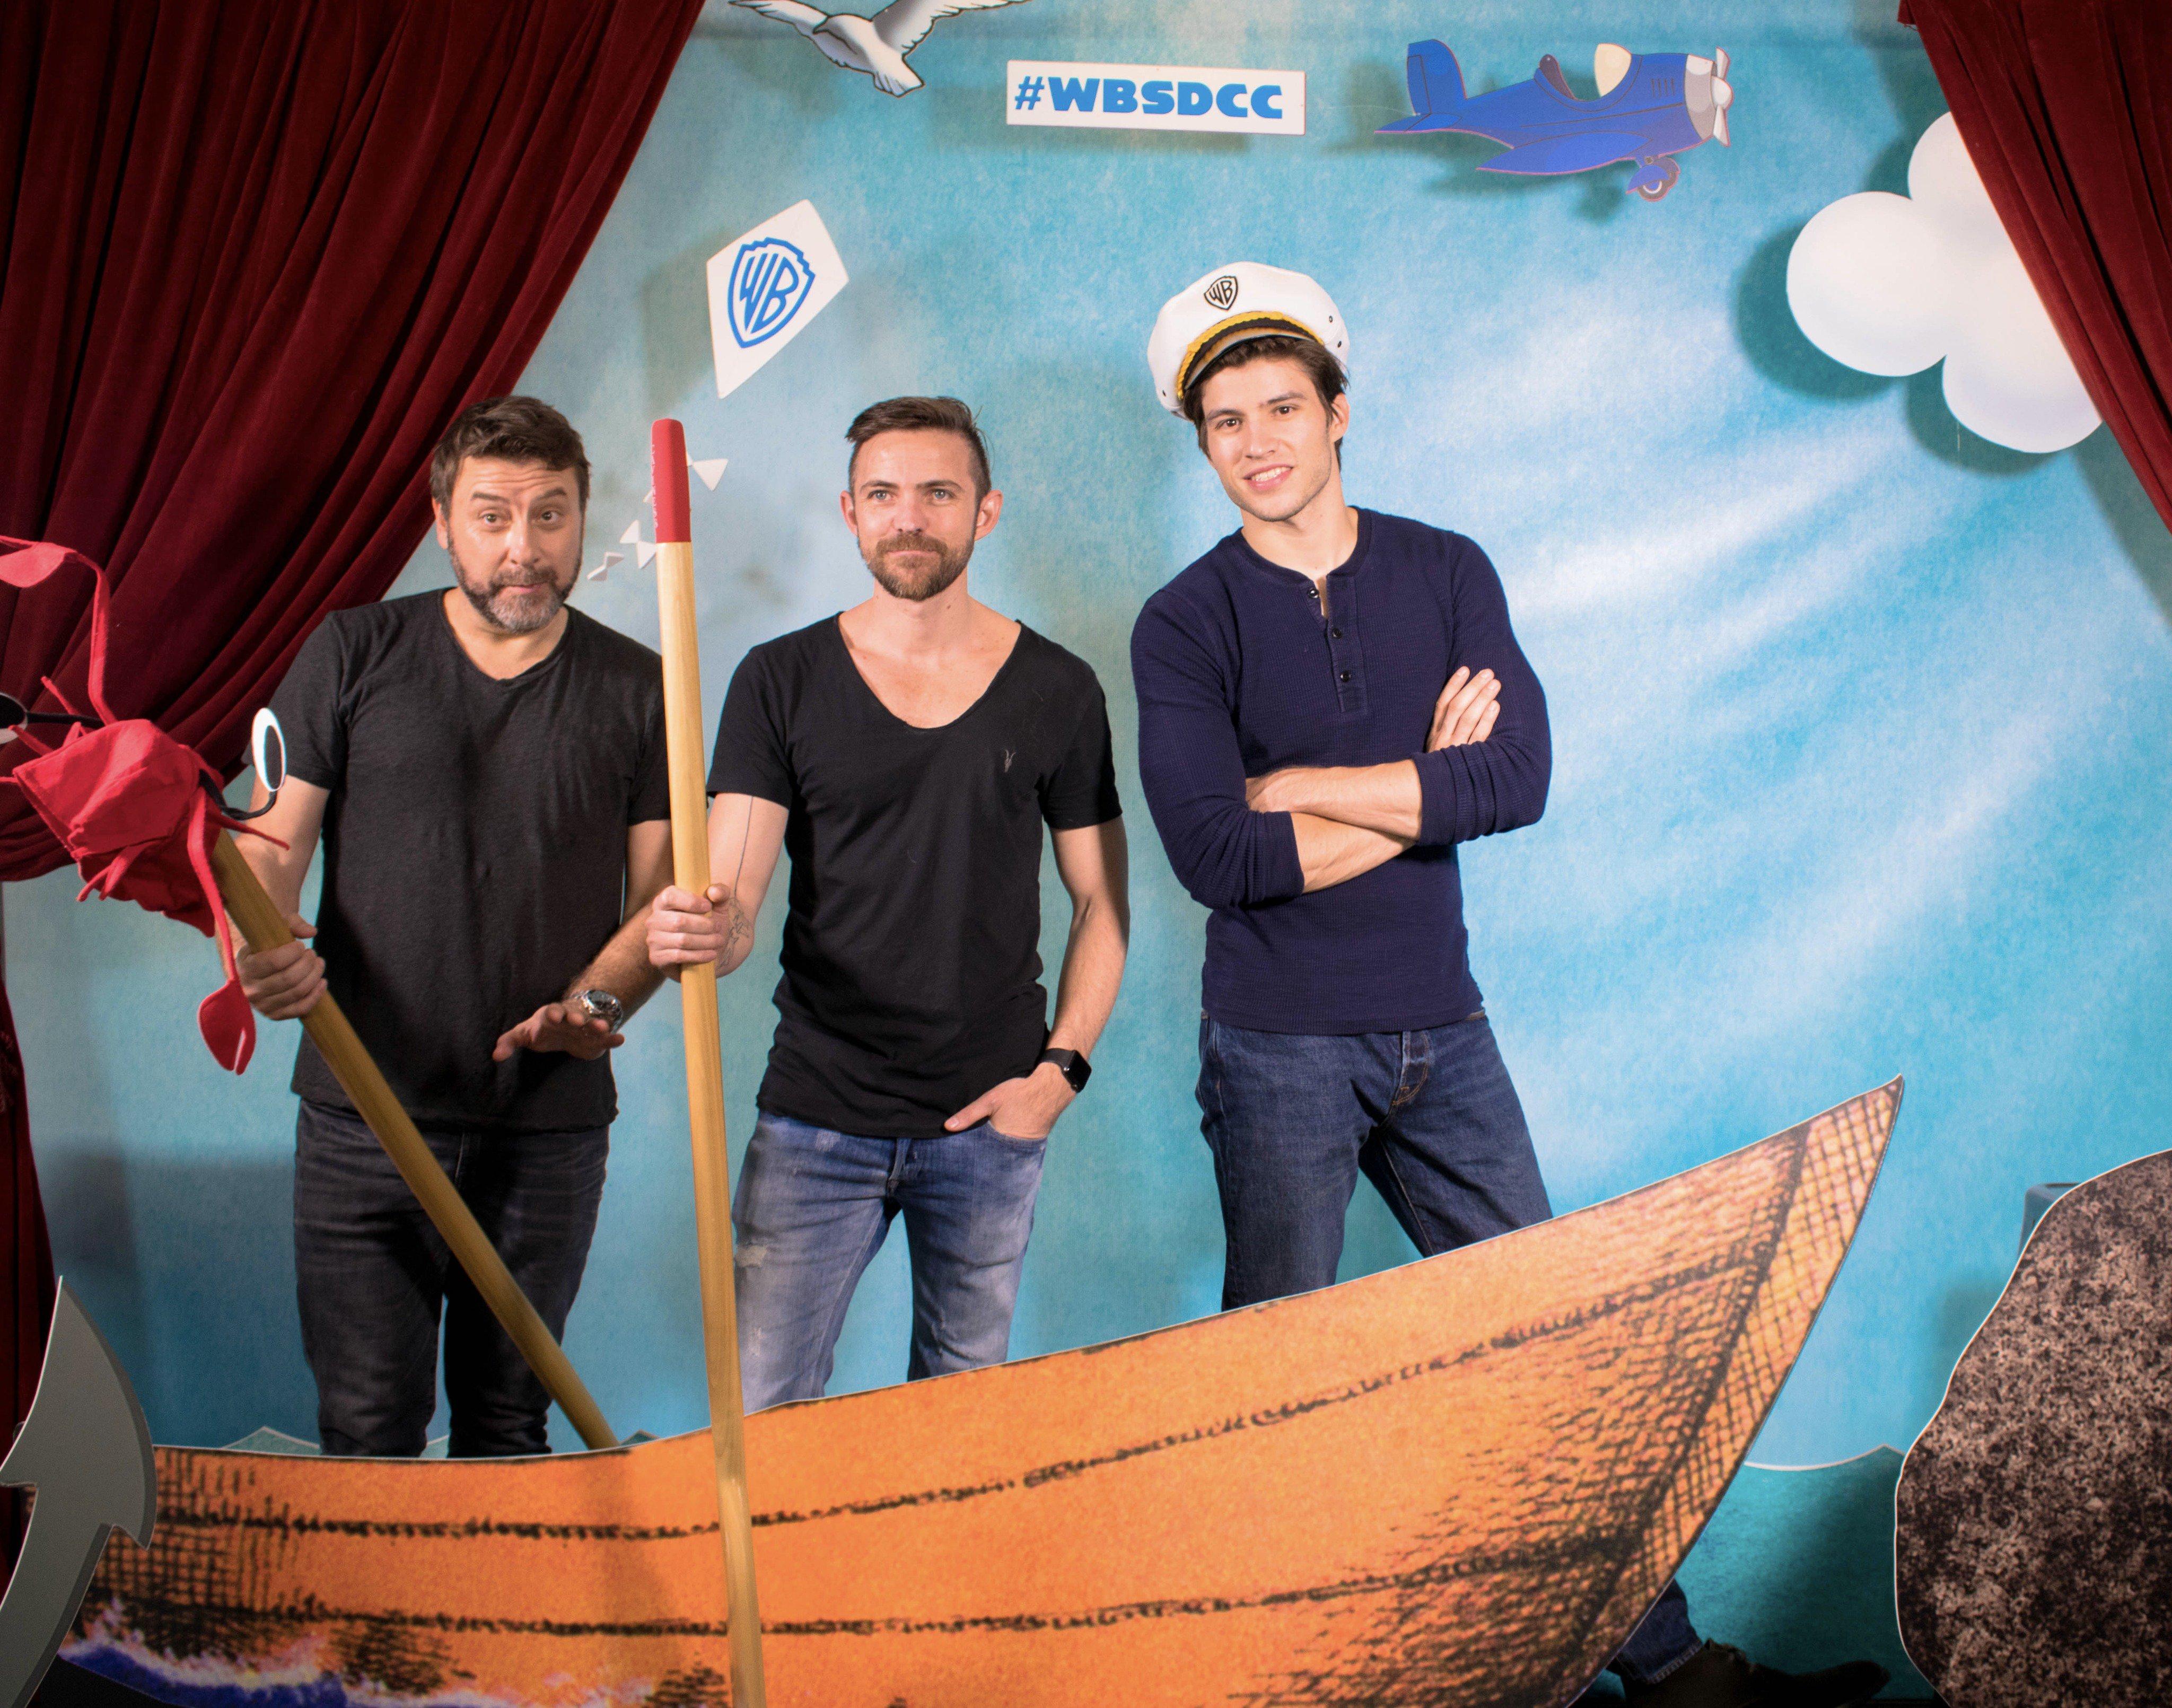 A KRYPTON stábja kihajózott a szórakozás felé a Warner Bros. jachtjával a 2017-es Comic-Con szombatján, július 22-én.